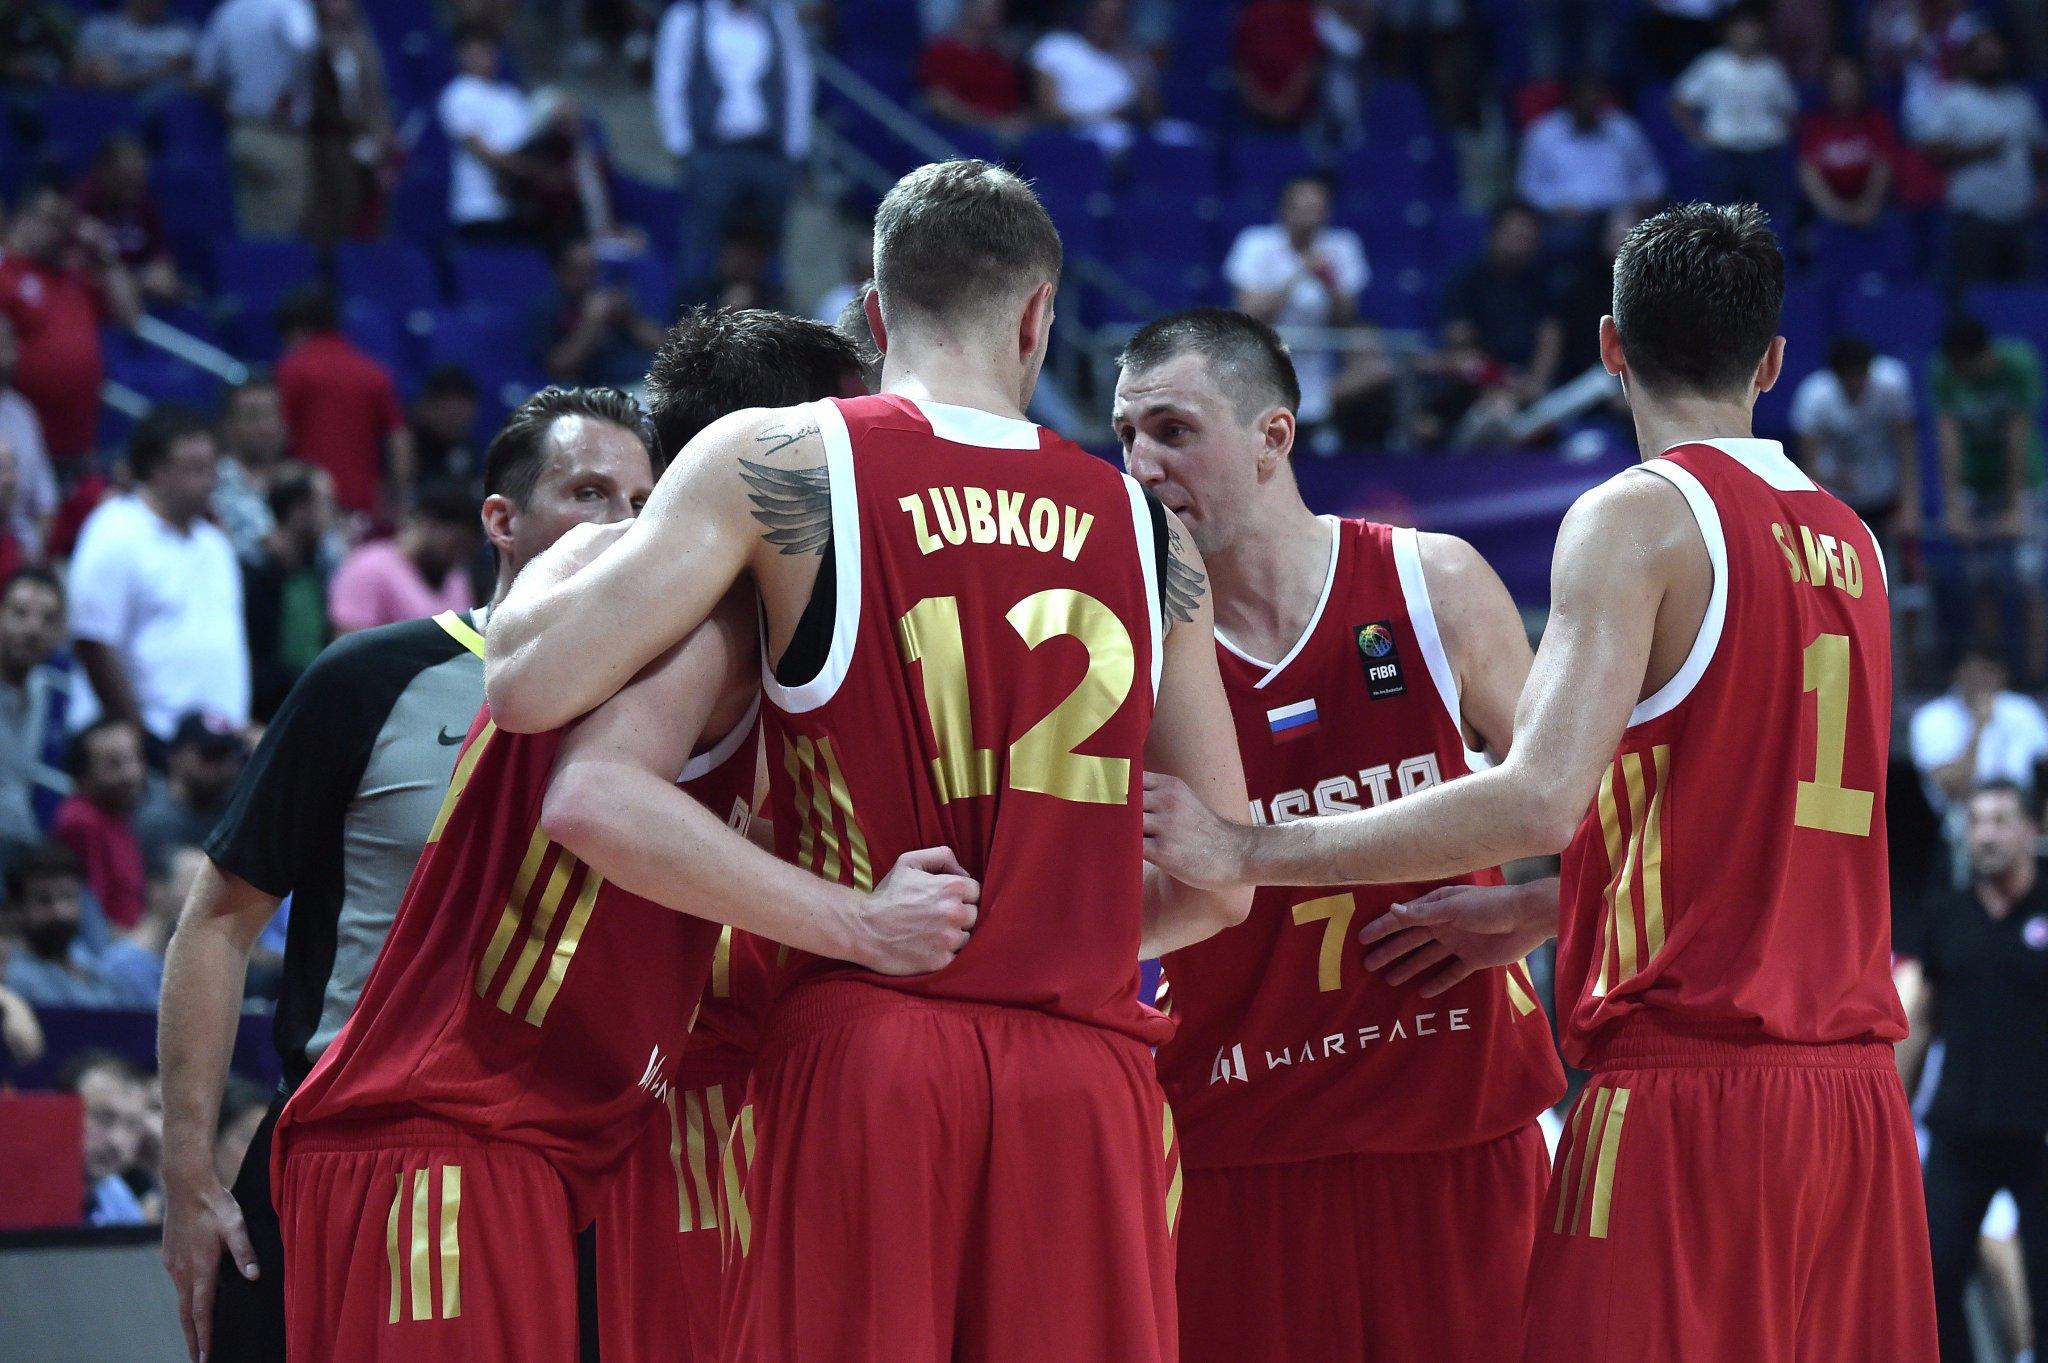 сборная россии по баскетболу мужчины фото меня гуляют только